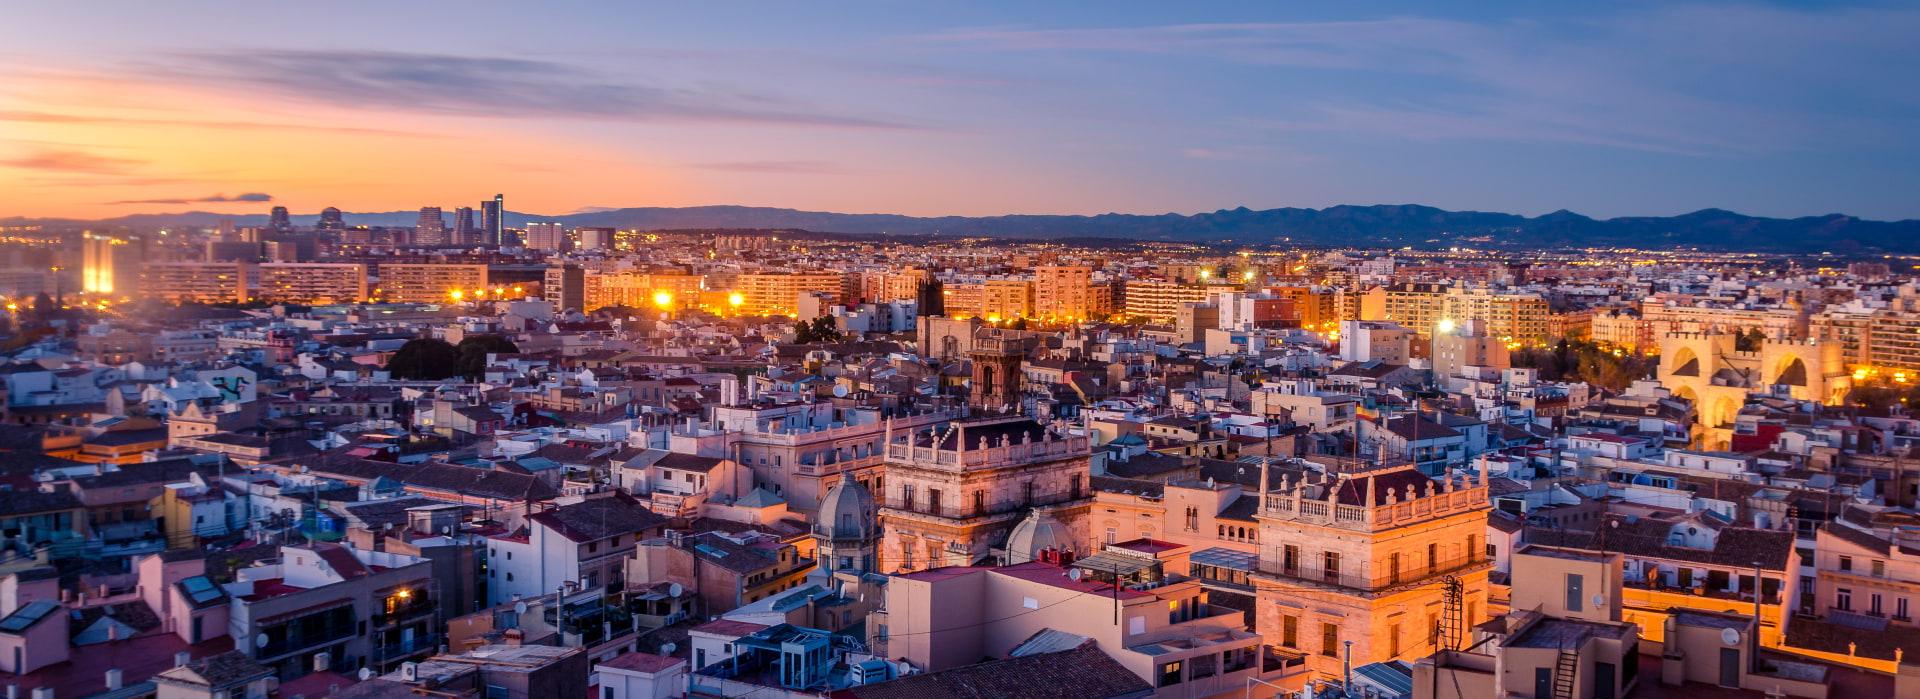 Vistas aéreas de la ciudad de Valencia